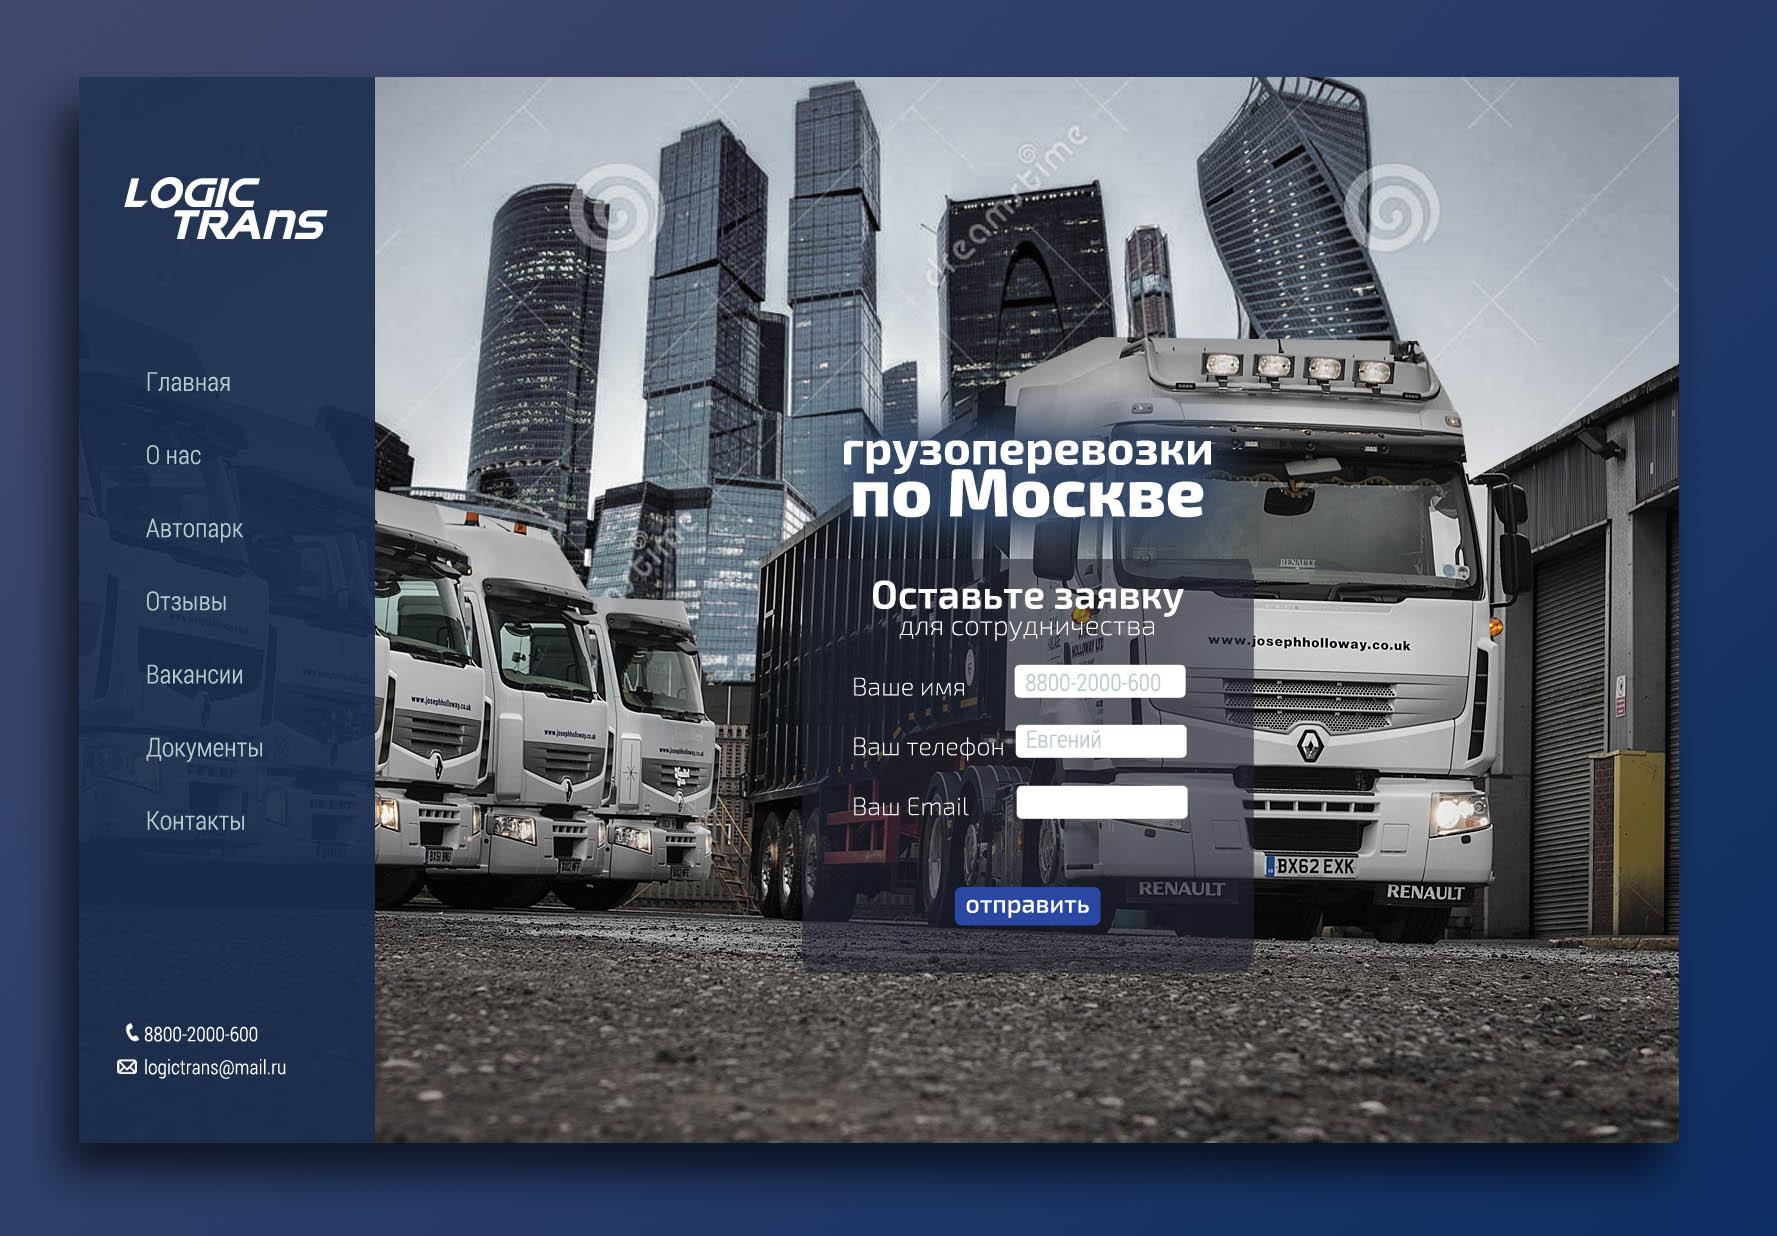 Дизайн сайта транспортно-экспедиторской компании ЛогикТранс фото f_6445a46393e647dd.jpg